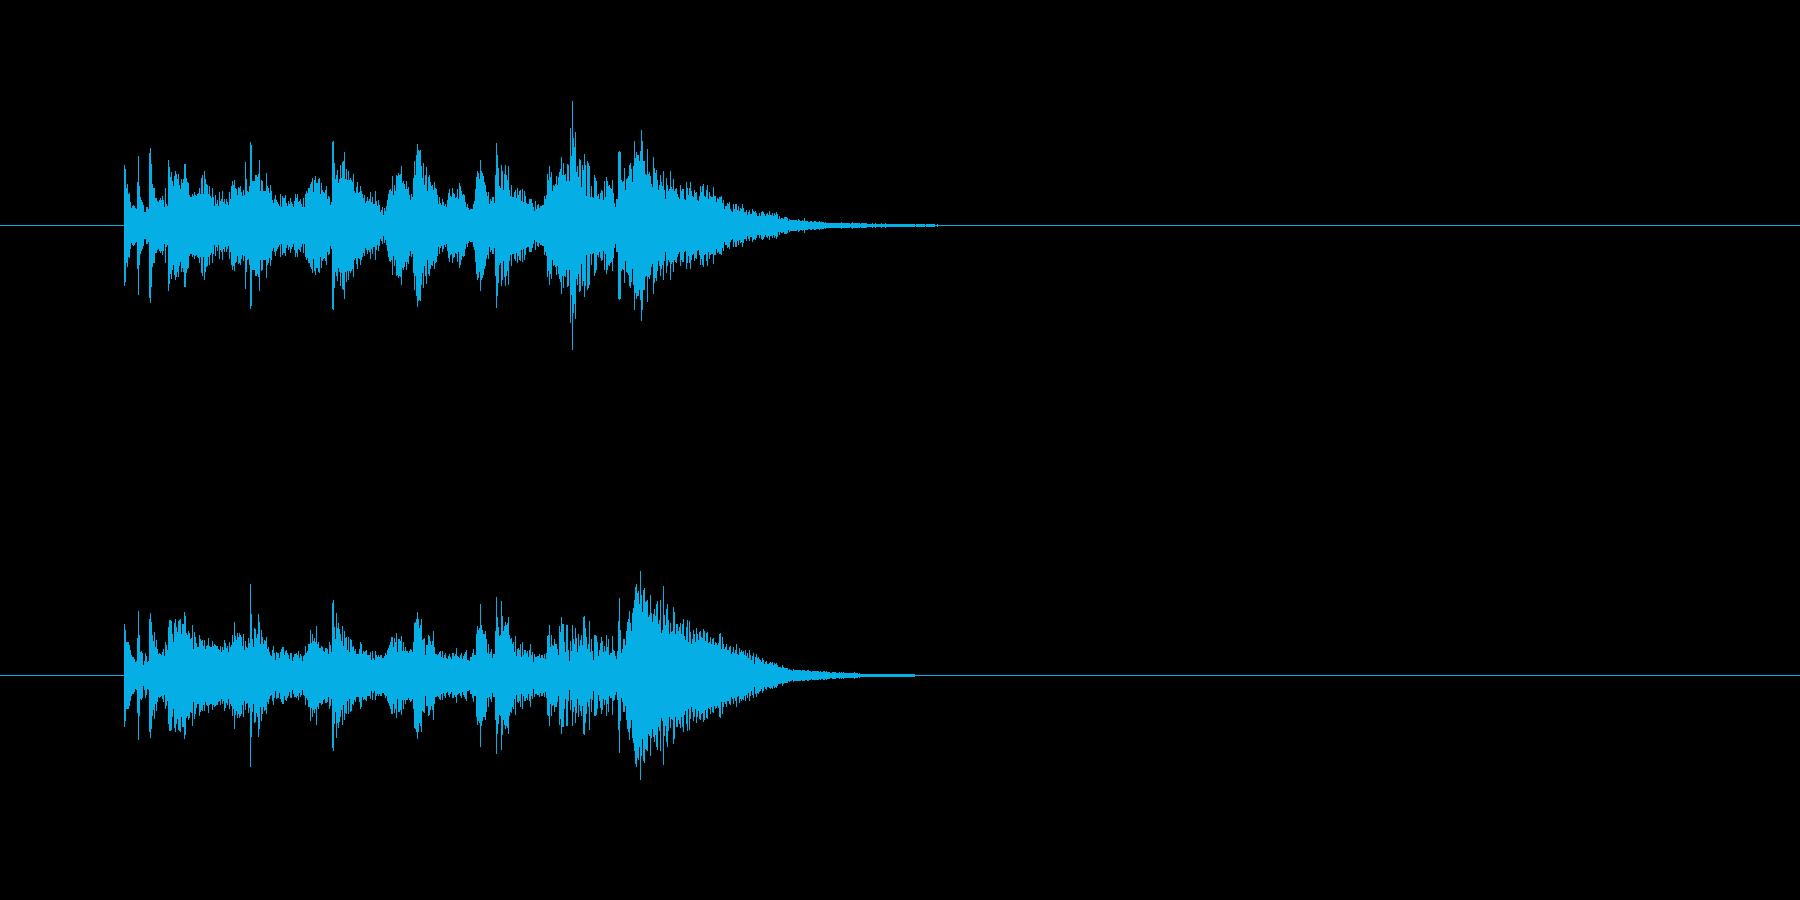 コミカル ジャズ ピアノ クール 大人の再生済みの波形